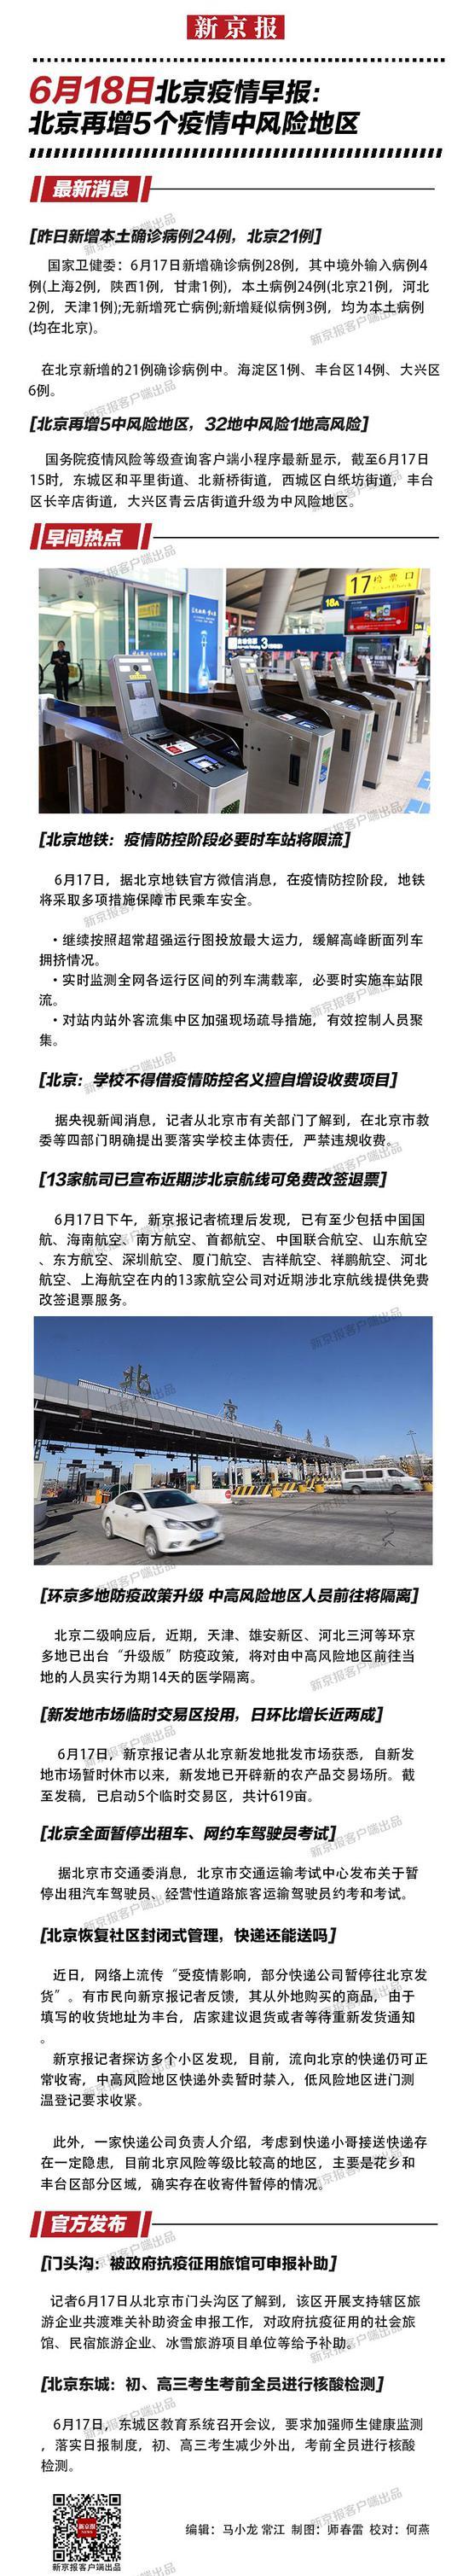 摩天测速:18摩天测速日北京疫情早报图片